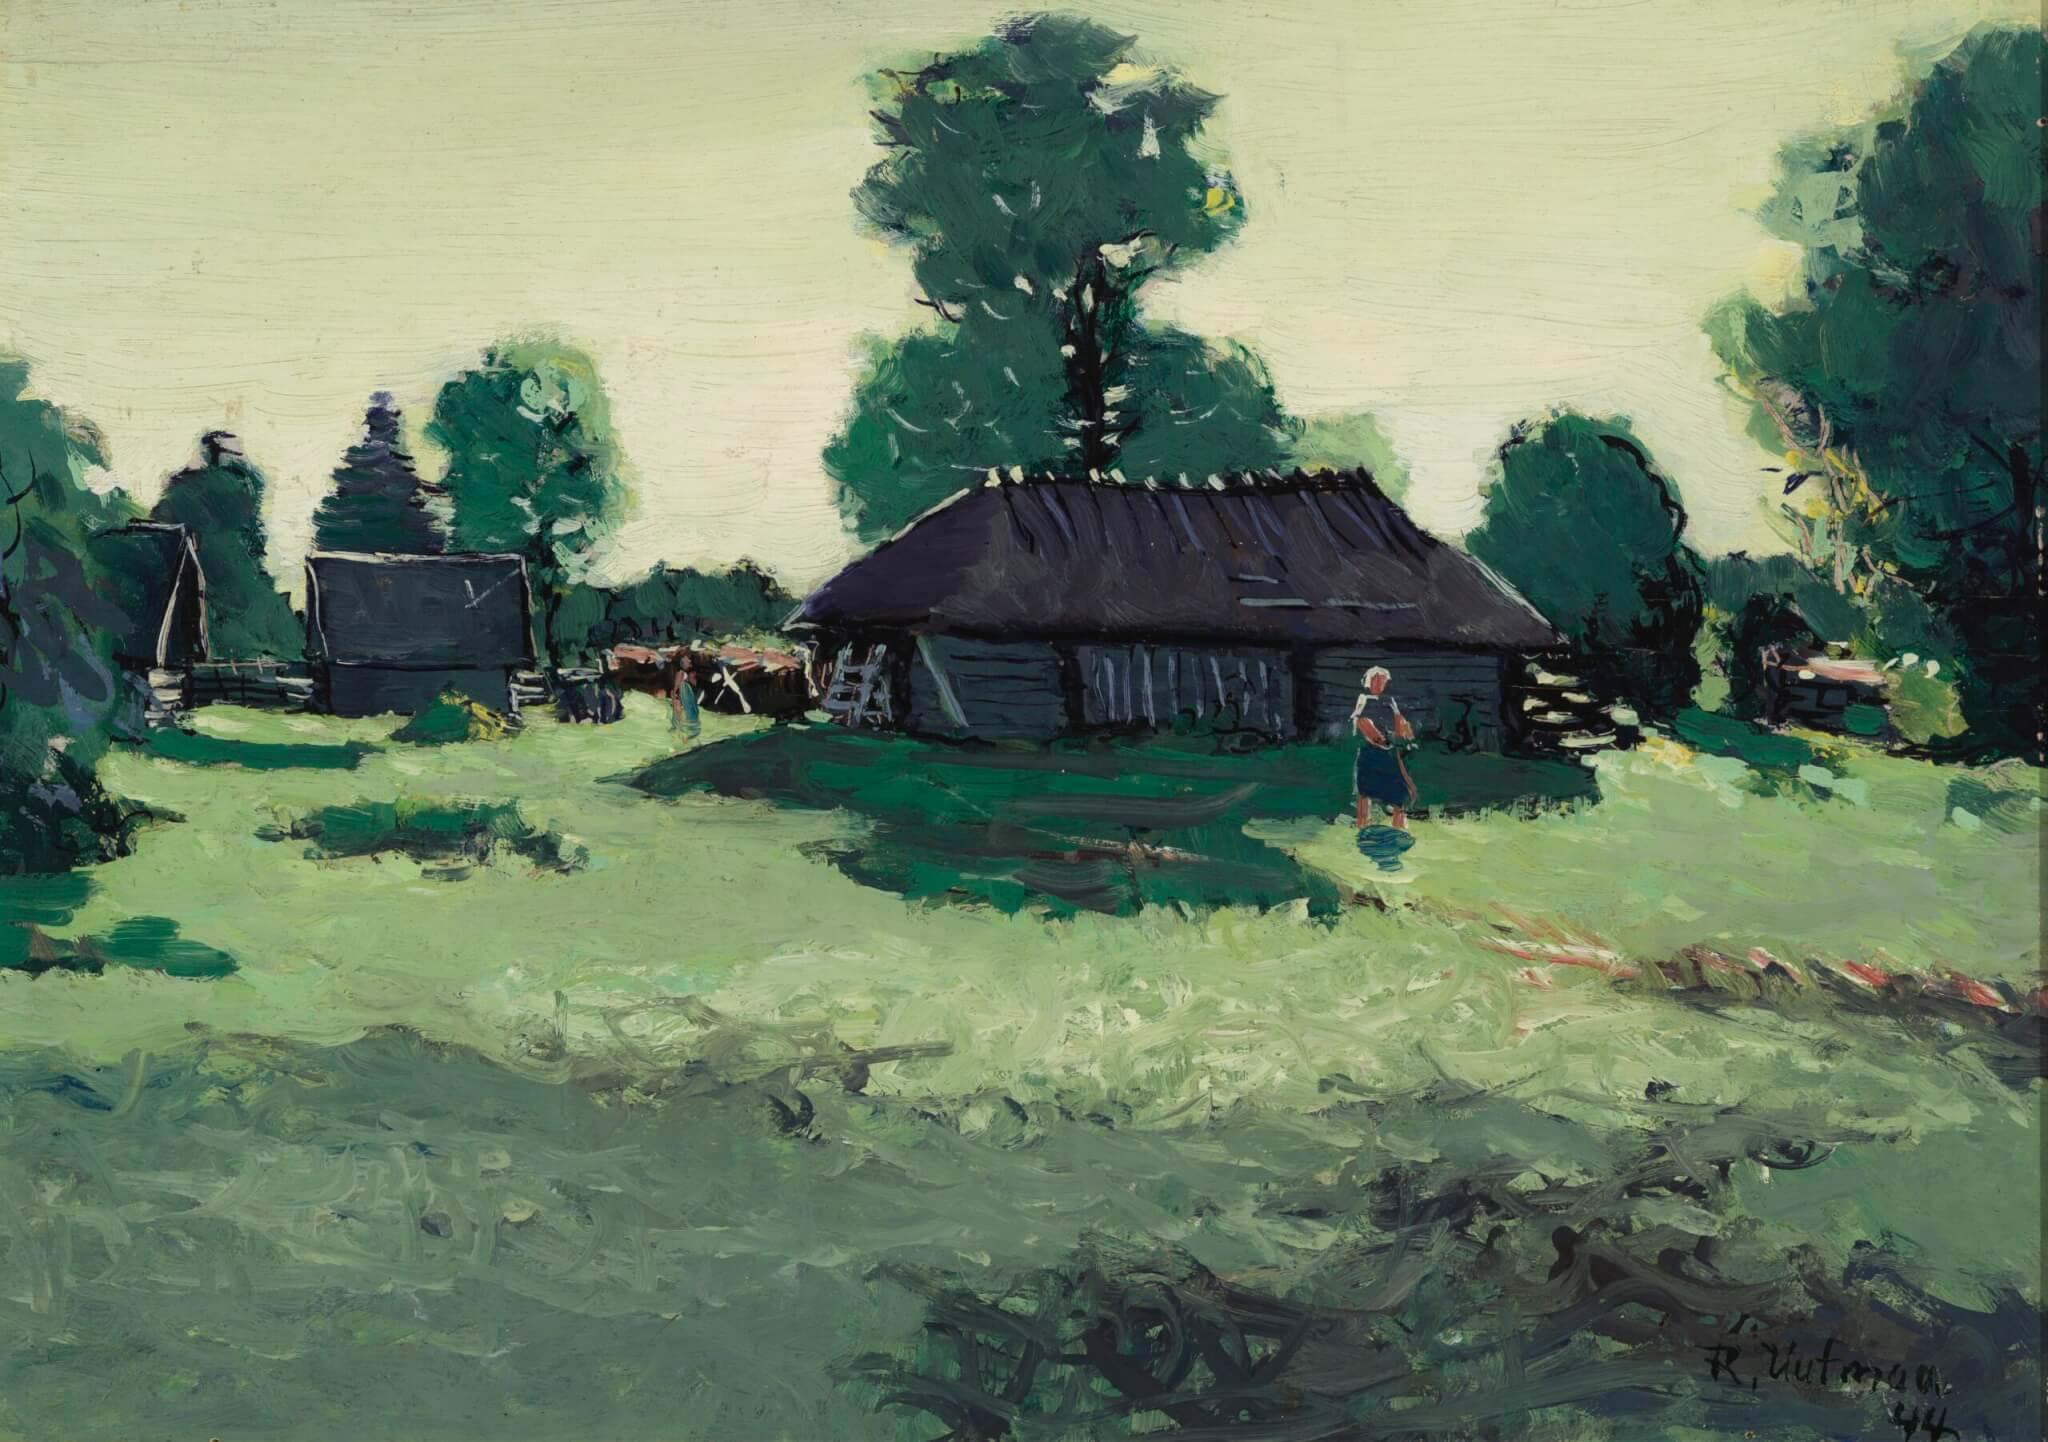 Richard-Uutmaa-Kõrve-talu-Allee-galerii